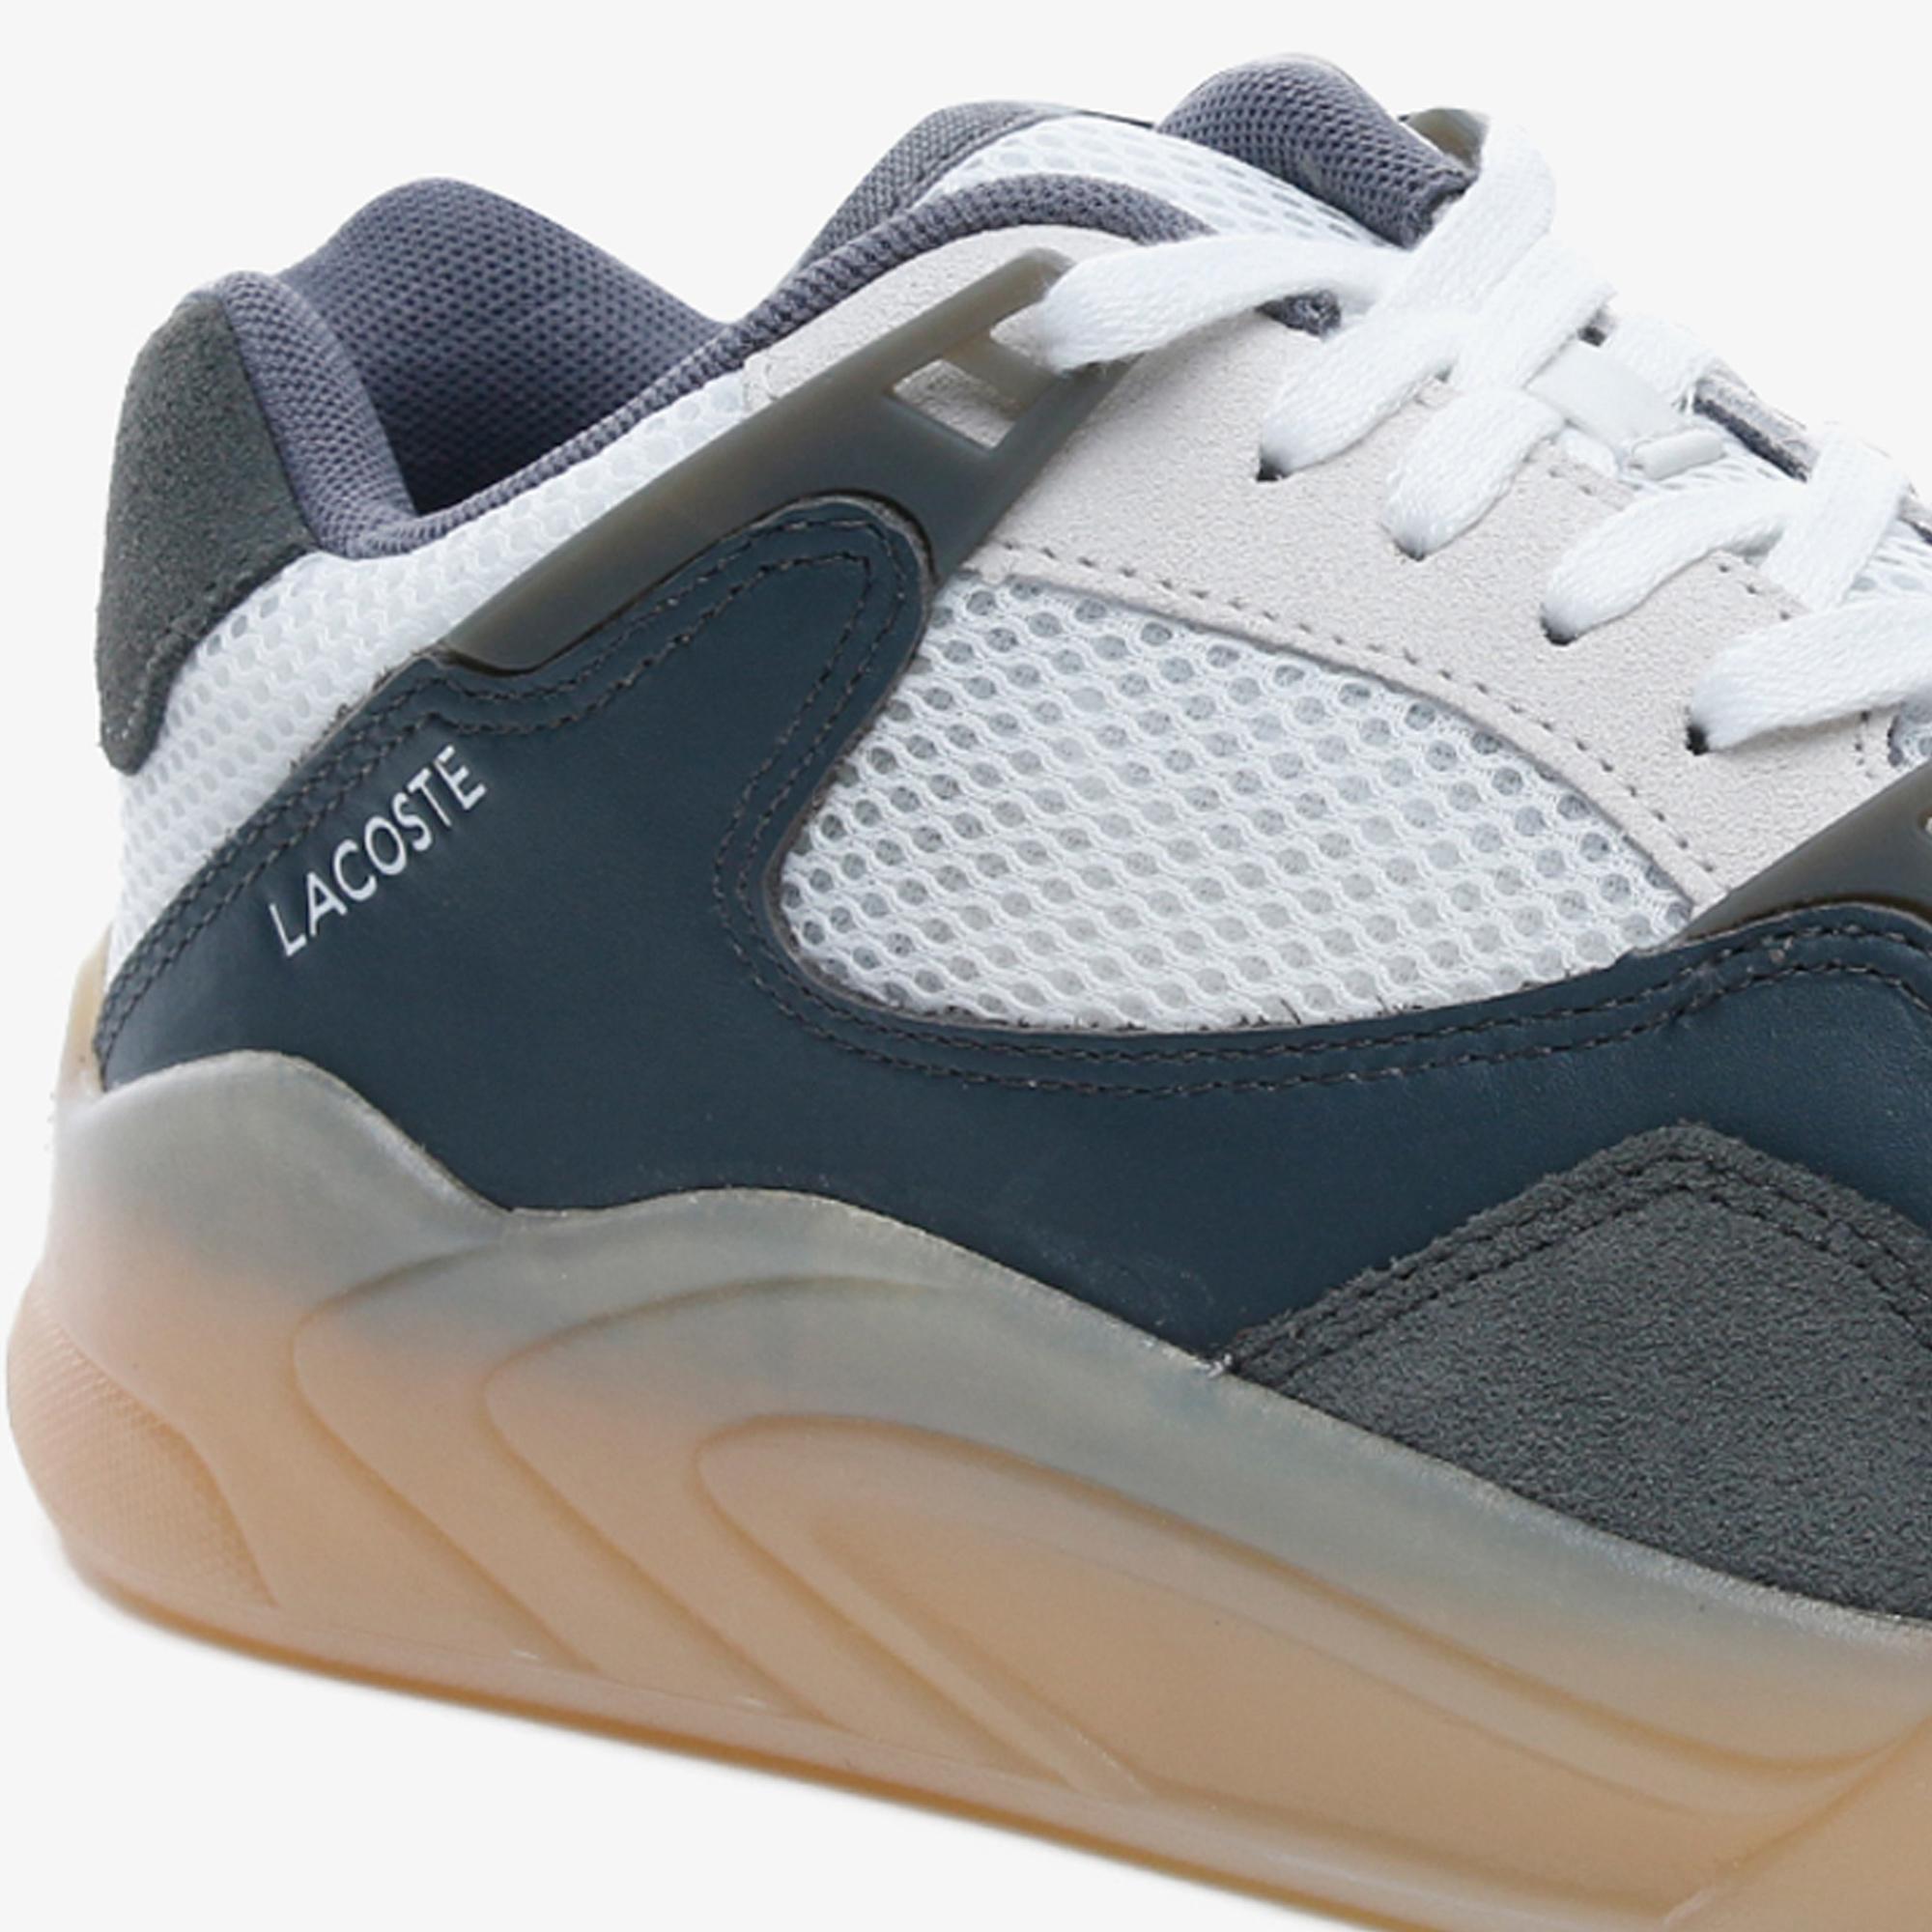 Lacoste Court Slam Dynamic 2201 Kadın Gri - Beyaz Sneaker